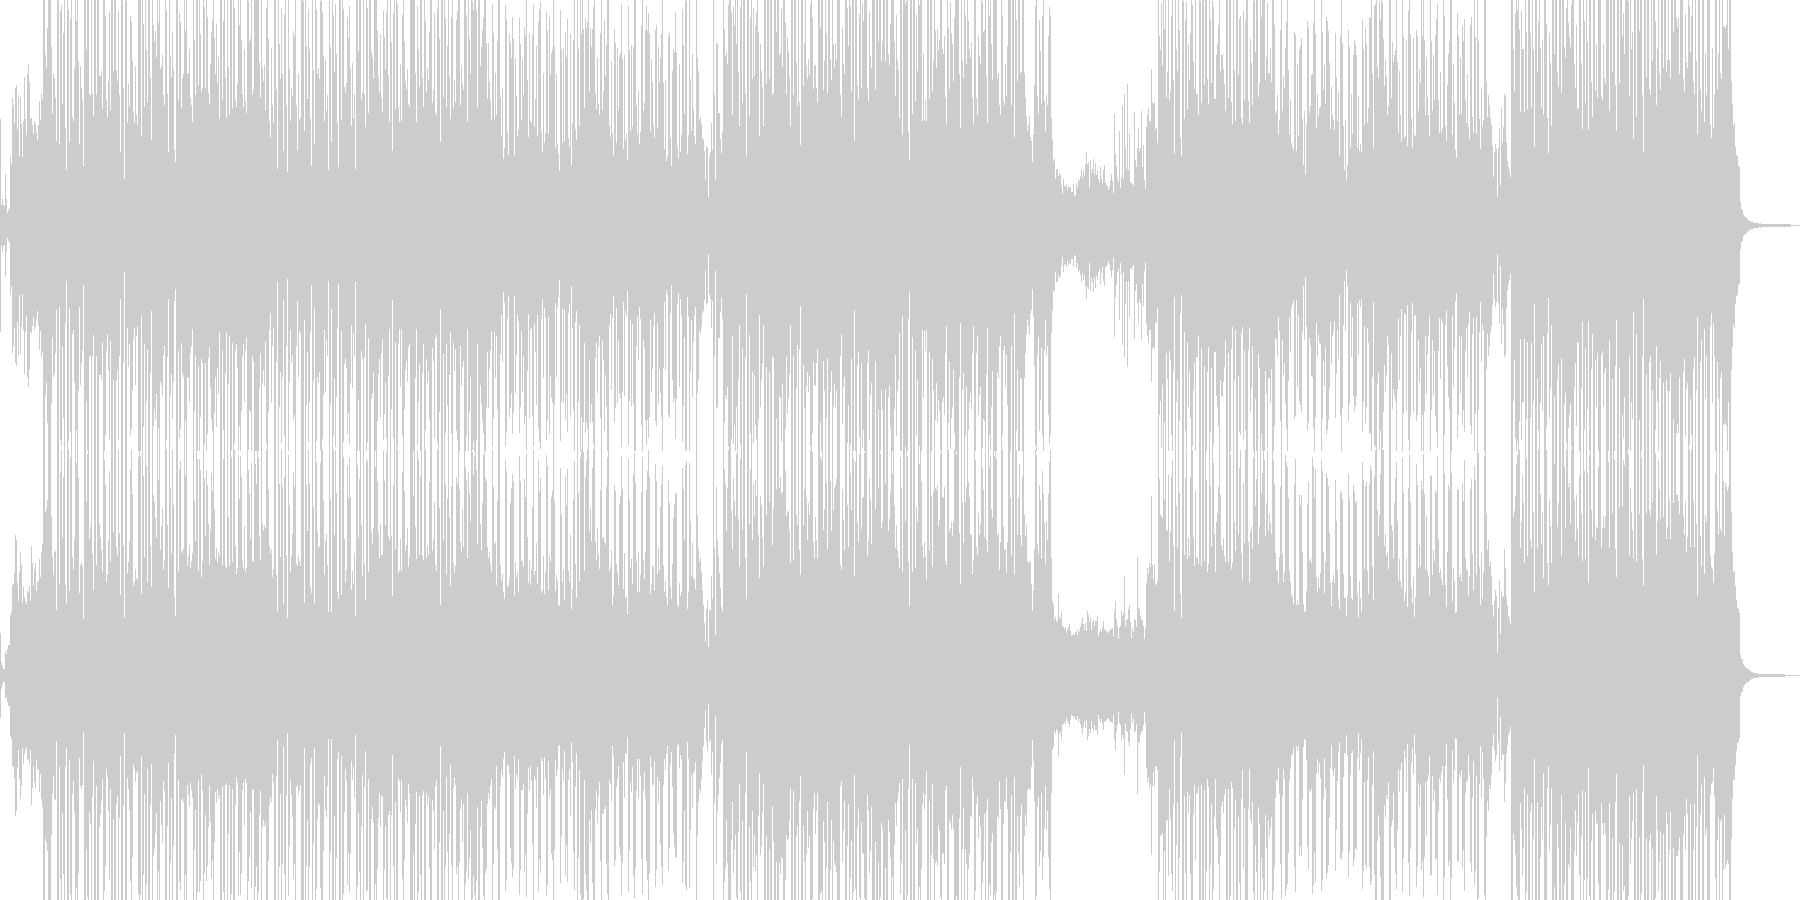 琴・レトロな演歌調R&Bポップ ★の未再生の波形